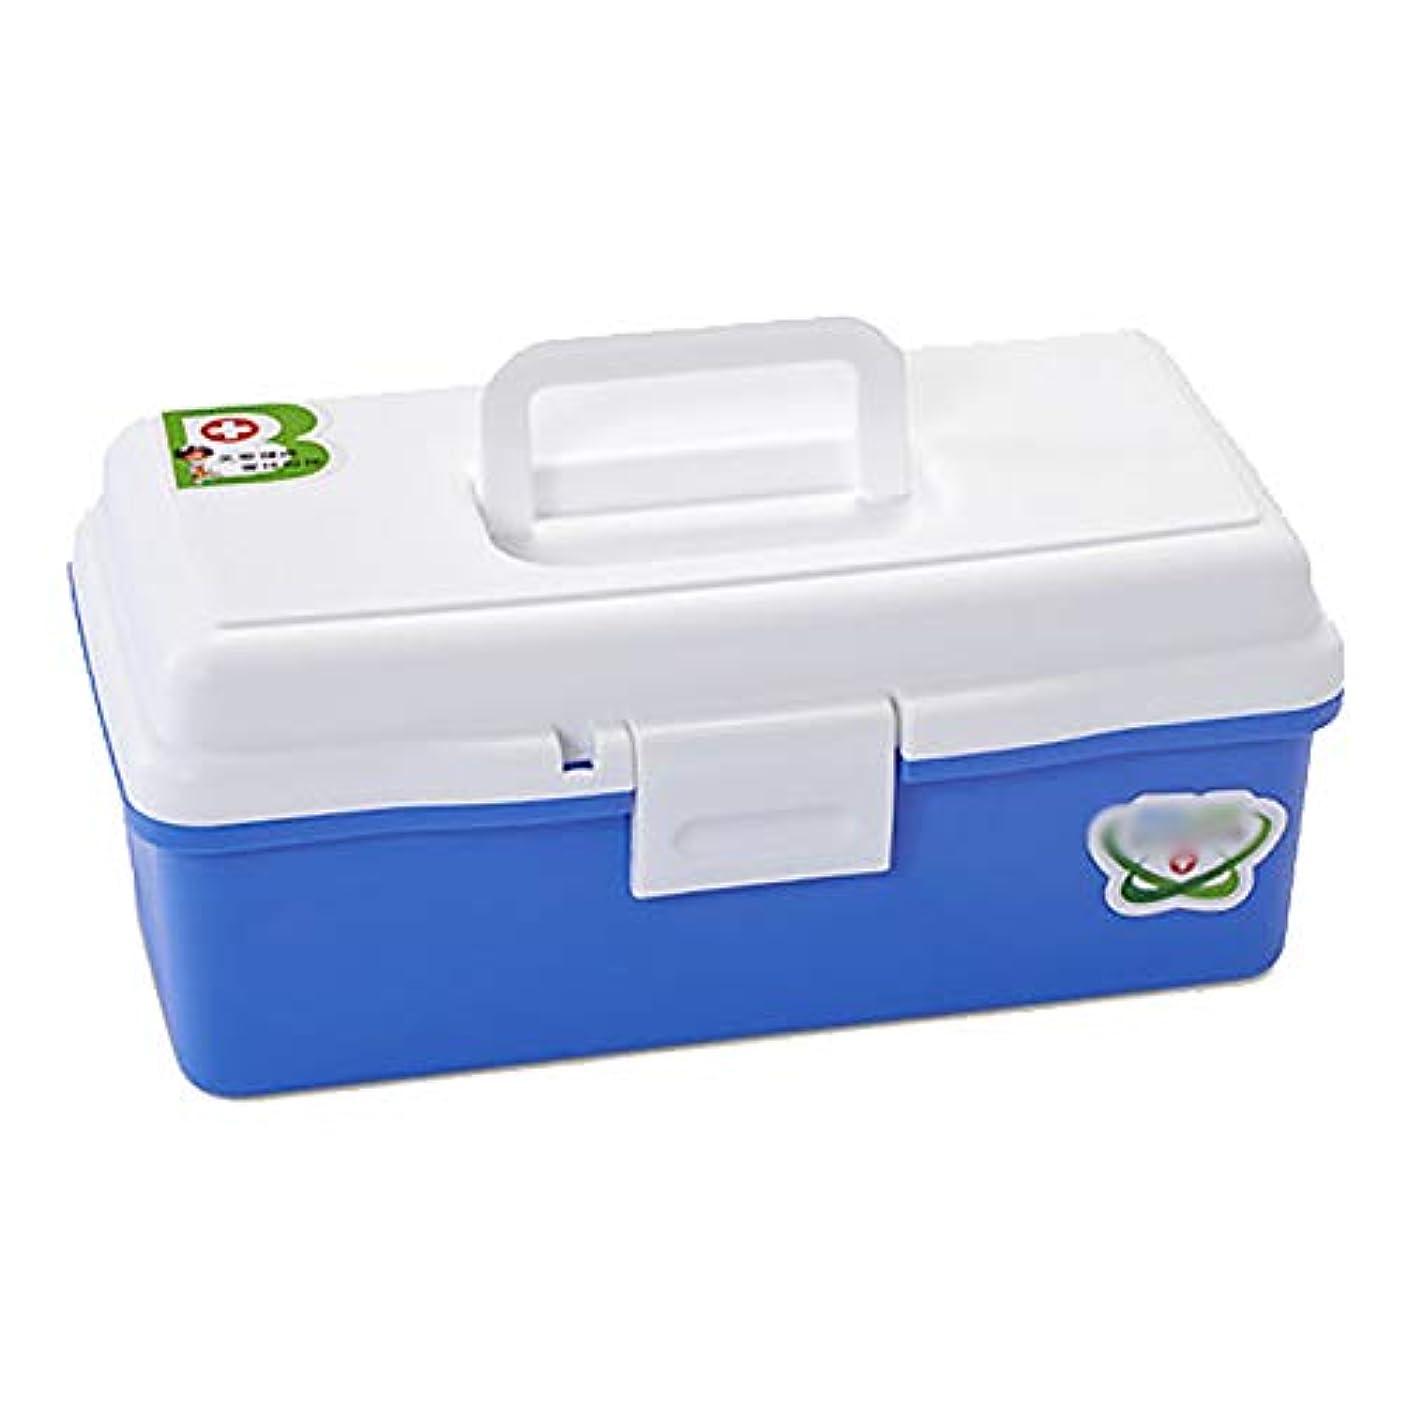 ポンド整理する三二重層ボックス医療収納ボックス胸部、プラスチックビン手キャリー薬ピル収納応急処置キットケースボックス家庭用多層家庭医学コンテナ含まれていない応急処置用品